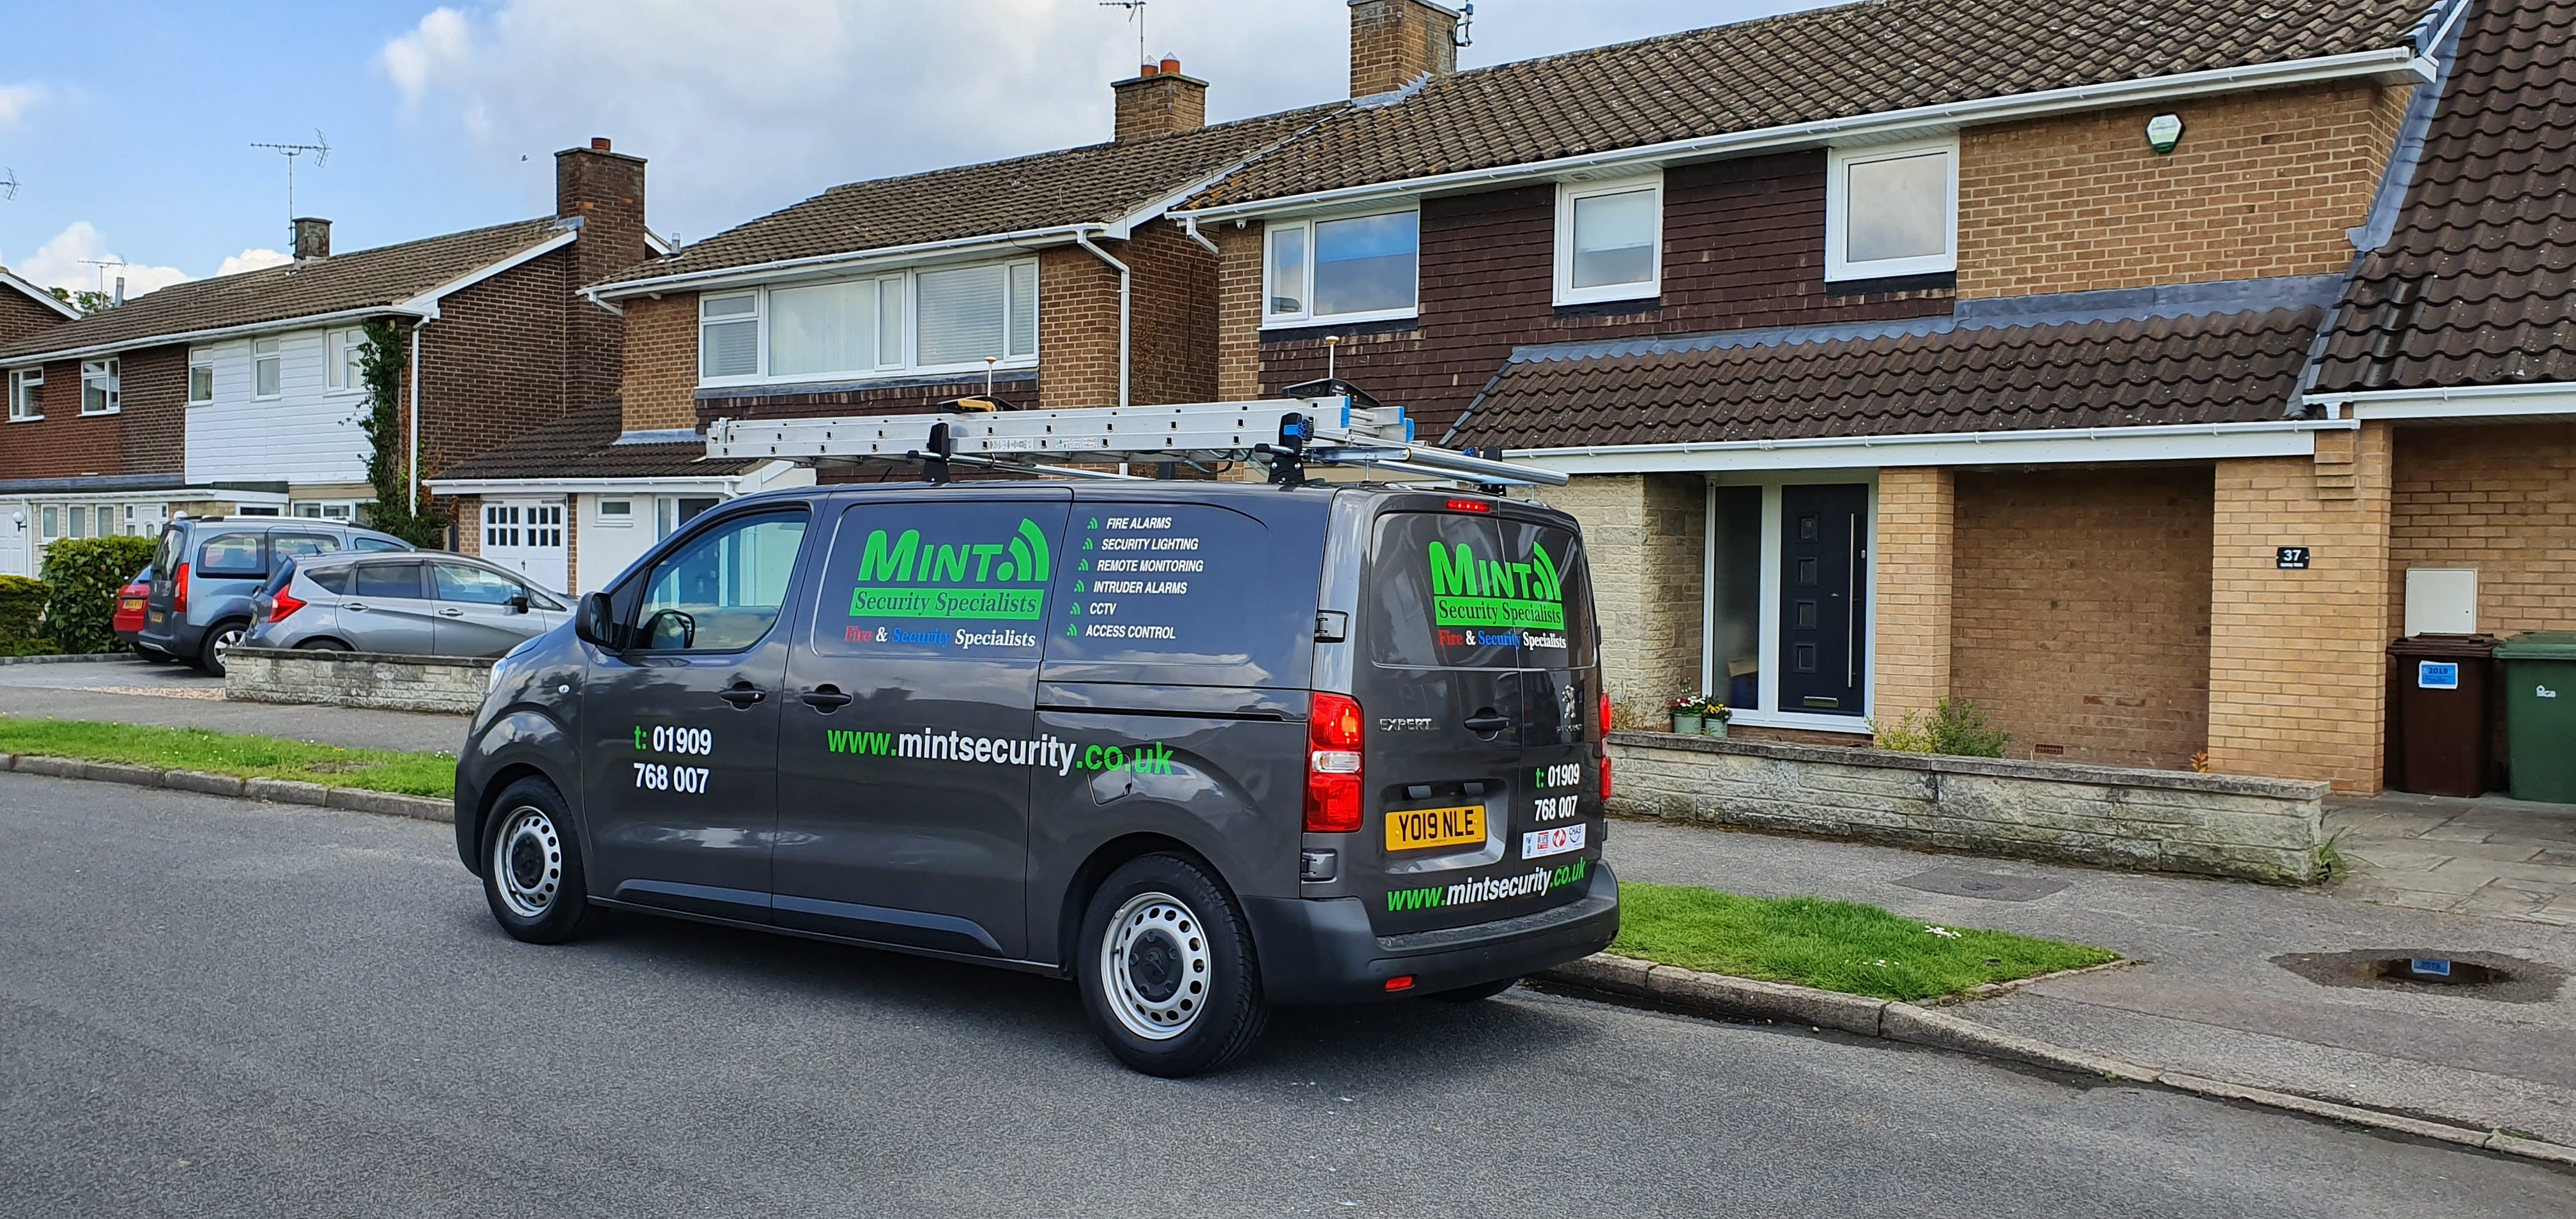 Burglar Alarm repair service